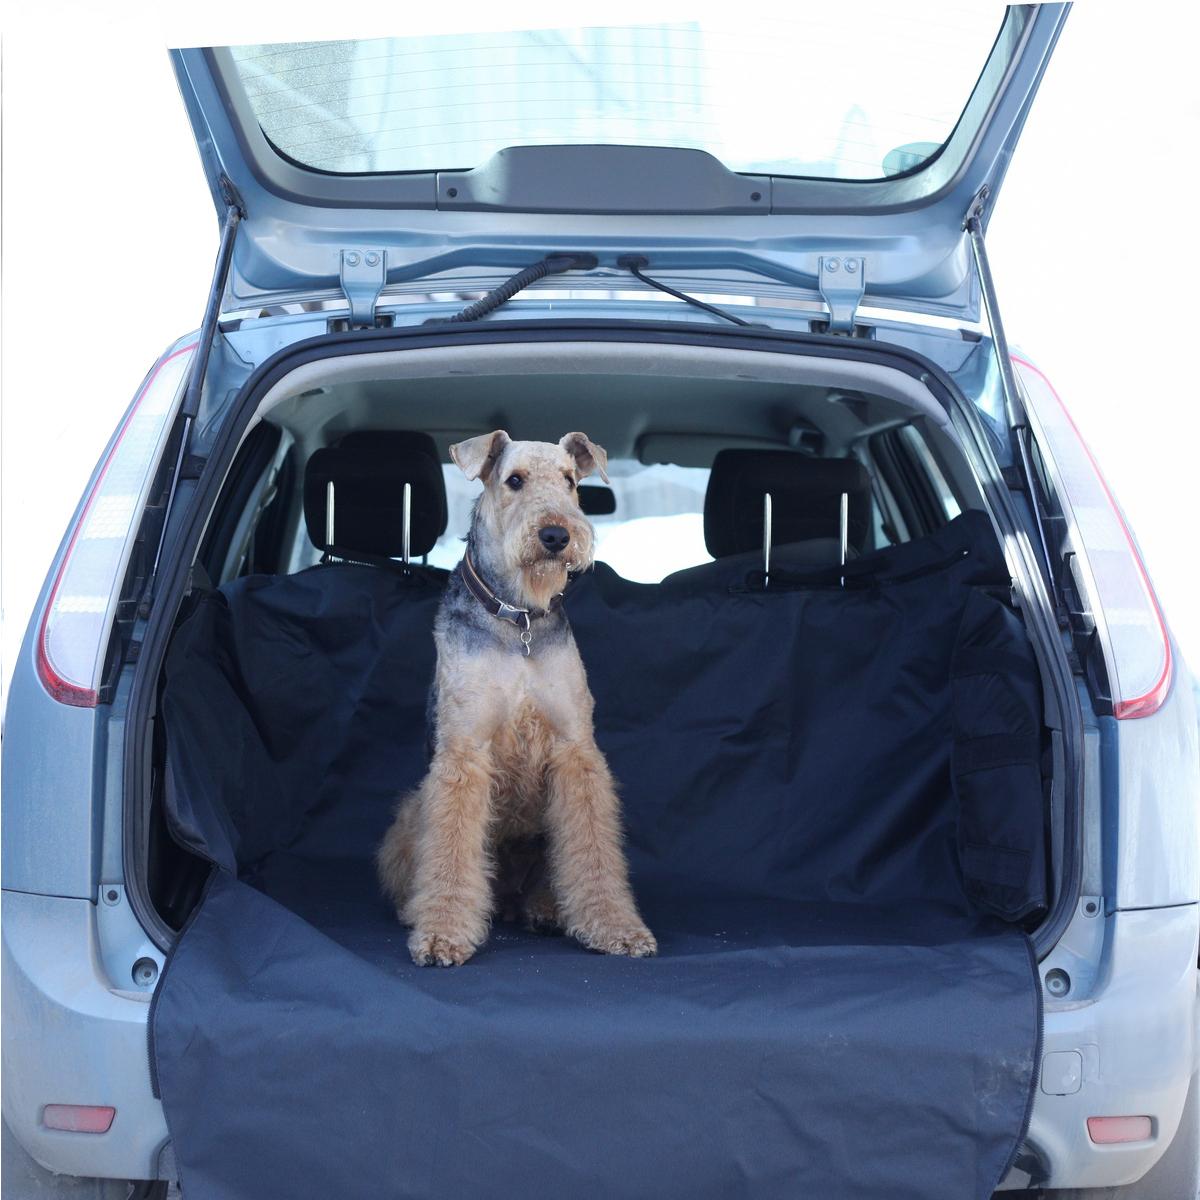 Автогамак для собак OSSO Fashion Car Premium, в багажник, 120 х 210 смГ-1007Автогамак OSSO Fashion Car Premium представляет собой функциональное приспособление для перевозки собак в салоне машины. Этот автогамак идеально подойдет для транспортировки питомца в багажнике, защитит задний бампер от царапин и багажное отделение от грязи. Незаменим при транспортировке животного после прогулок на природе, поездки в ветклинику, на выставку, охоту, рыбалку и дачу, не опасаясь испачкать или поцарапать сидения и обивку дверей. Изготовлен из прочной, дублированной, водостойкой и морозоустойчивой ткани на подкладке. Конструкция гамака предохраняет питомца от соскальзывания и передвижения по салону во время движения и резкого торможения. Чистка такого гамака не составляет никакого труда: просто стряхните засохшую грязь и песок щеткой, а затем протрите поверхность влажной губкой или тряпкой.Размеры автогамака: ширина дна - 120 см, общая длина - 210 см, высота бортов со стороны спинок сидений - 55 см, высота бортов со стороны двери багажника - 40 см.Уважаемые клиенты! Обращаем ваше внимание на цвет изделия. Цветовой вариант гамака с вариантами его использованияслужит для визуального восприятия товара. Цветовая гамма продаваемой модели отражена на дополнительной фотографии.